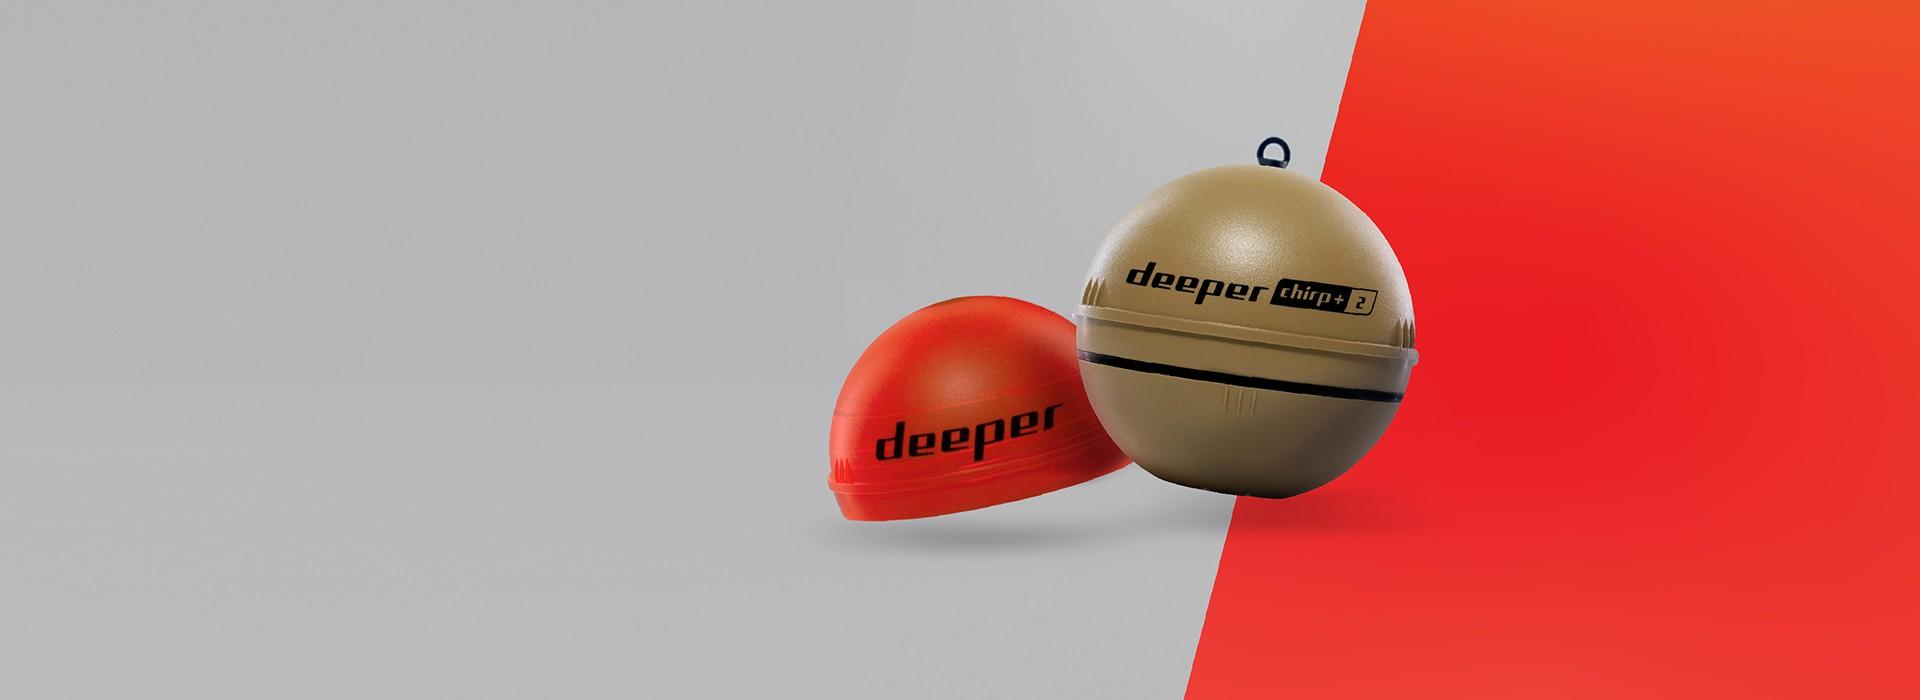 Upoznajte novi Deeper CHIRP+ 2! Najjači sonar koji smo ikada proizveli. Za sada.